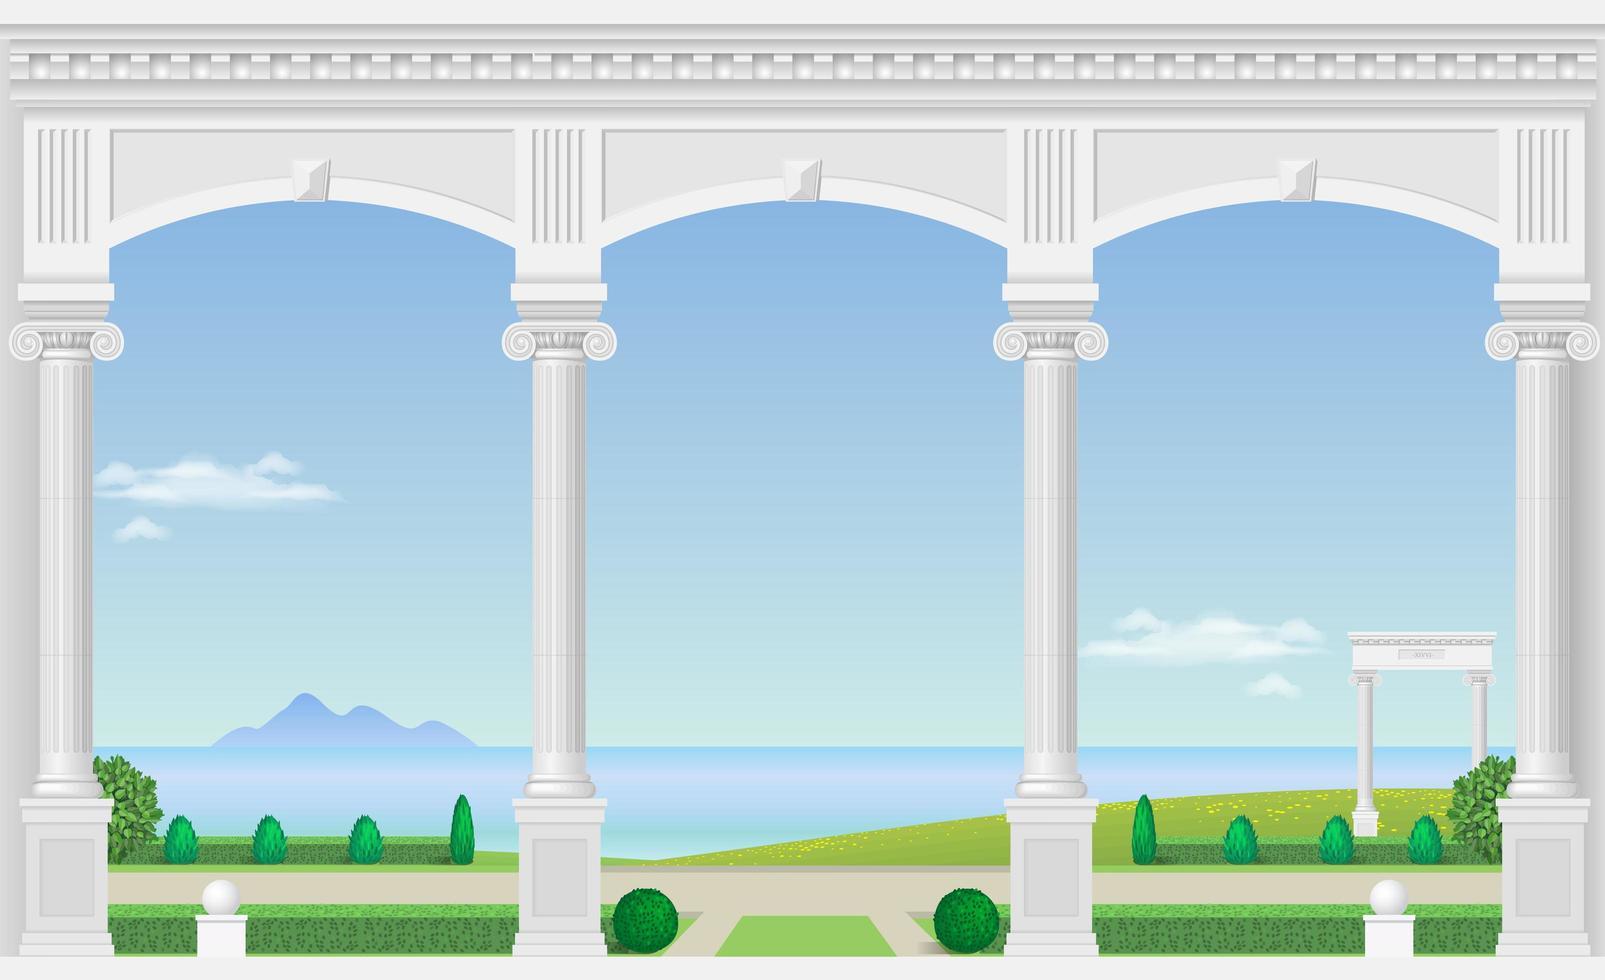 palats balkong med utsikt över trädgården och havet vektor